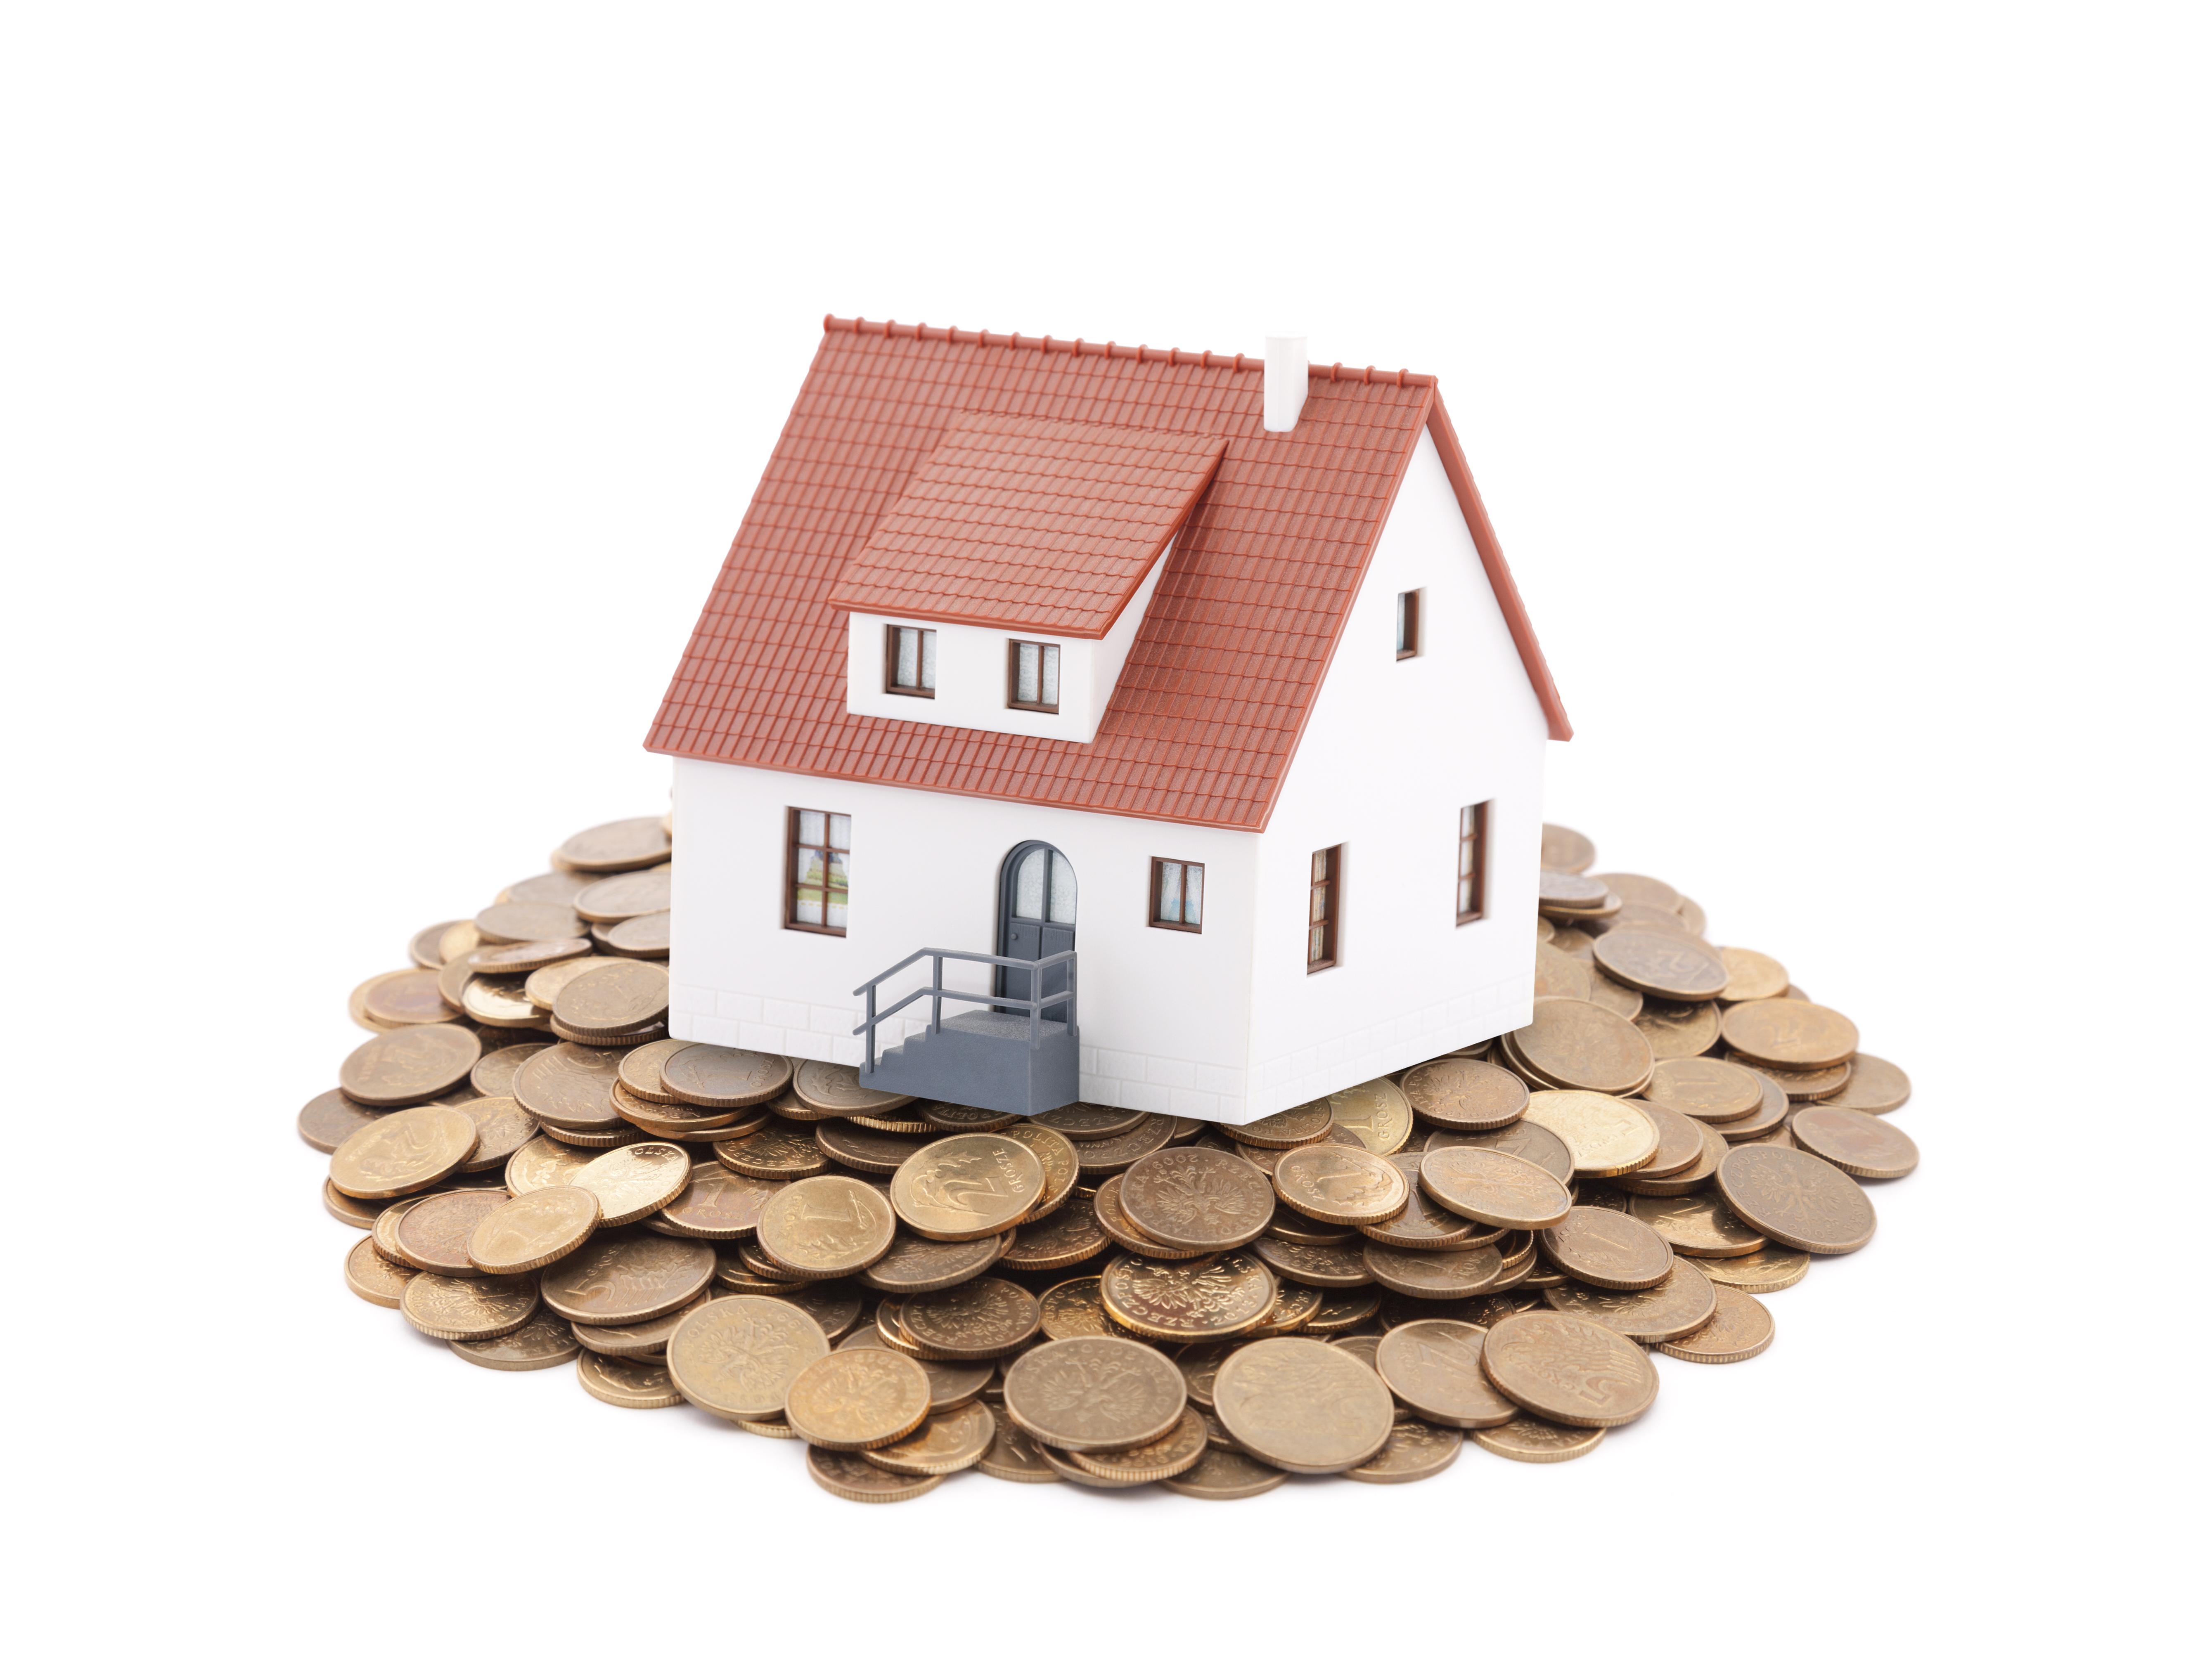 Spese detraibili 730 anno 2018 la circolare dell 39 agenzia delle entrate idealista news - Spese notarili acquisto prima casa detraibili ...